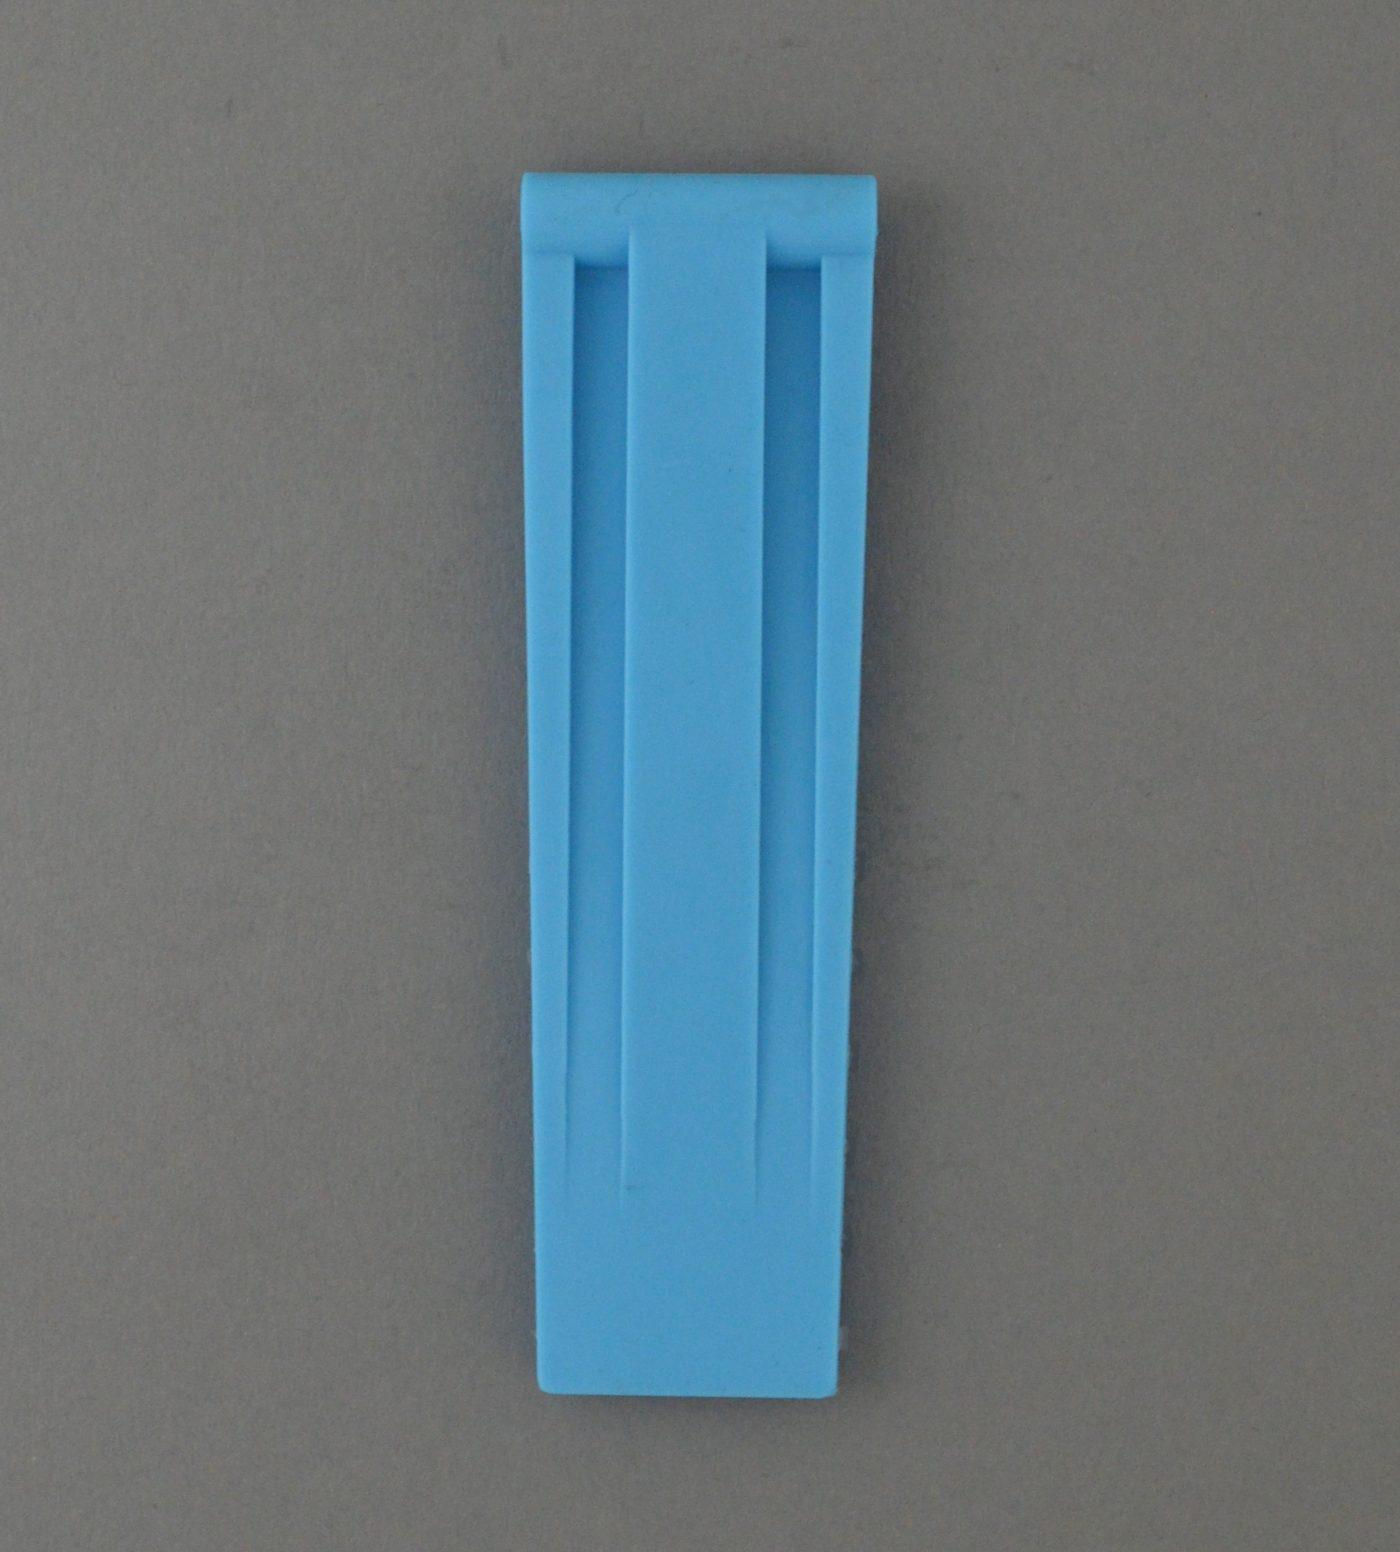 SD 方扣高純度矽膠錶帶 - 北卡藍